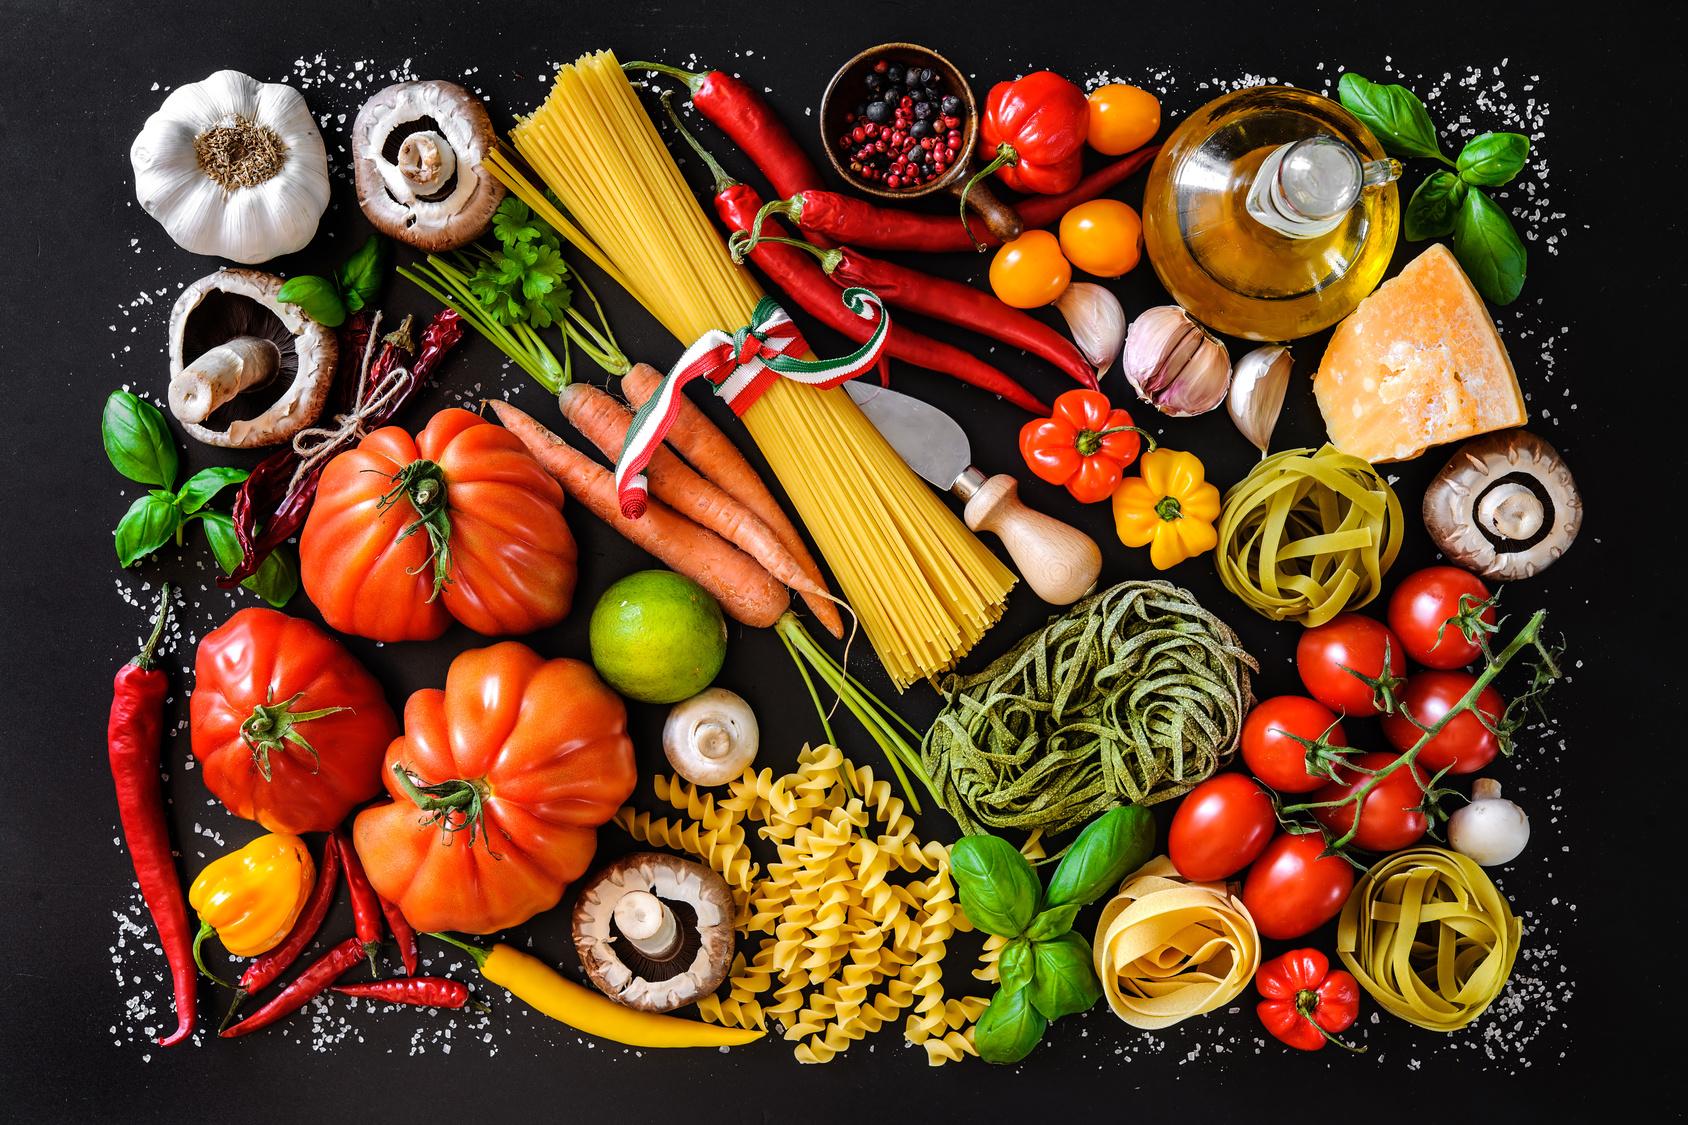 Kochkurs italienische gew rznudeln pastatelli for Kochen italienisch